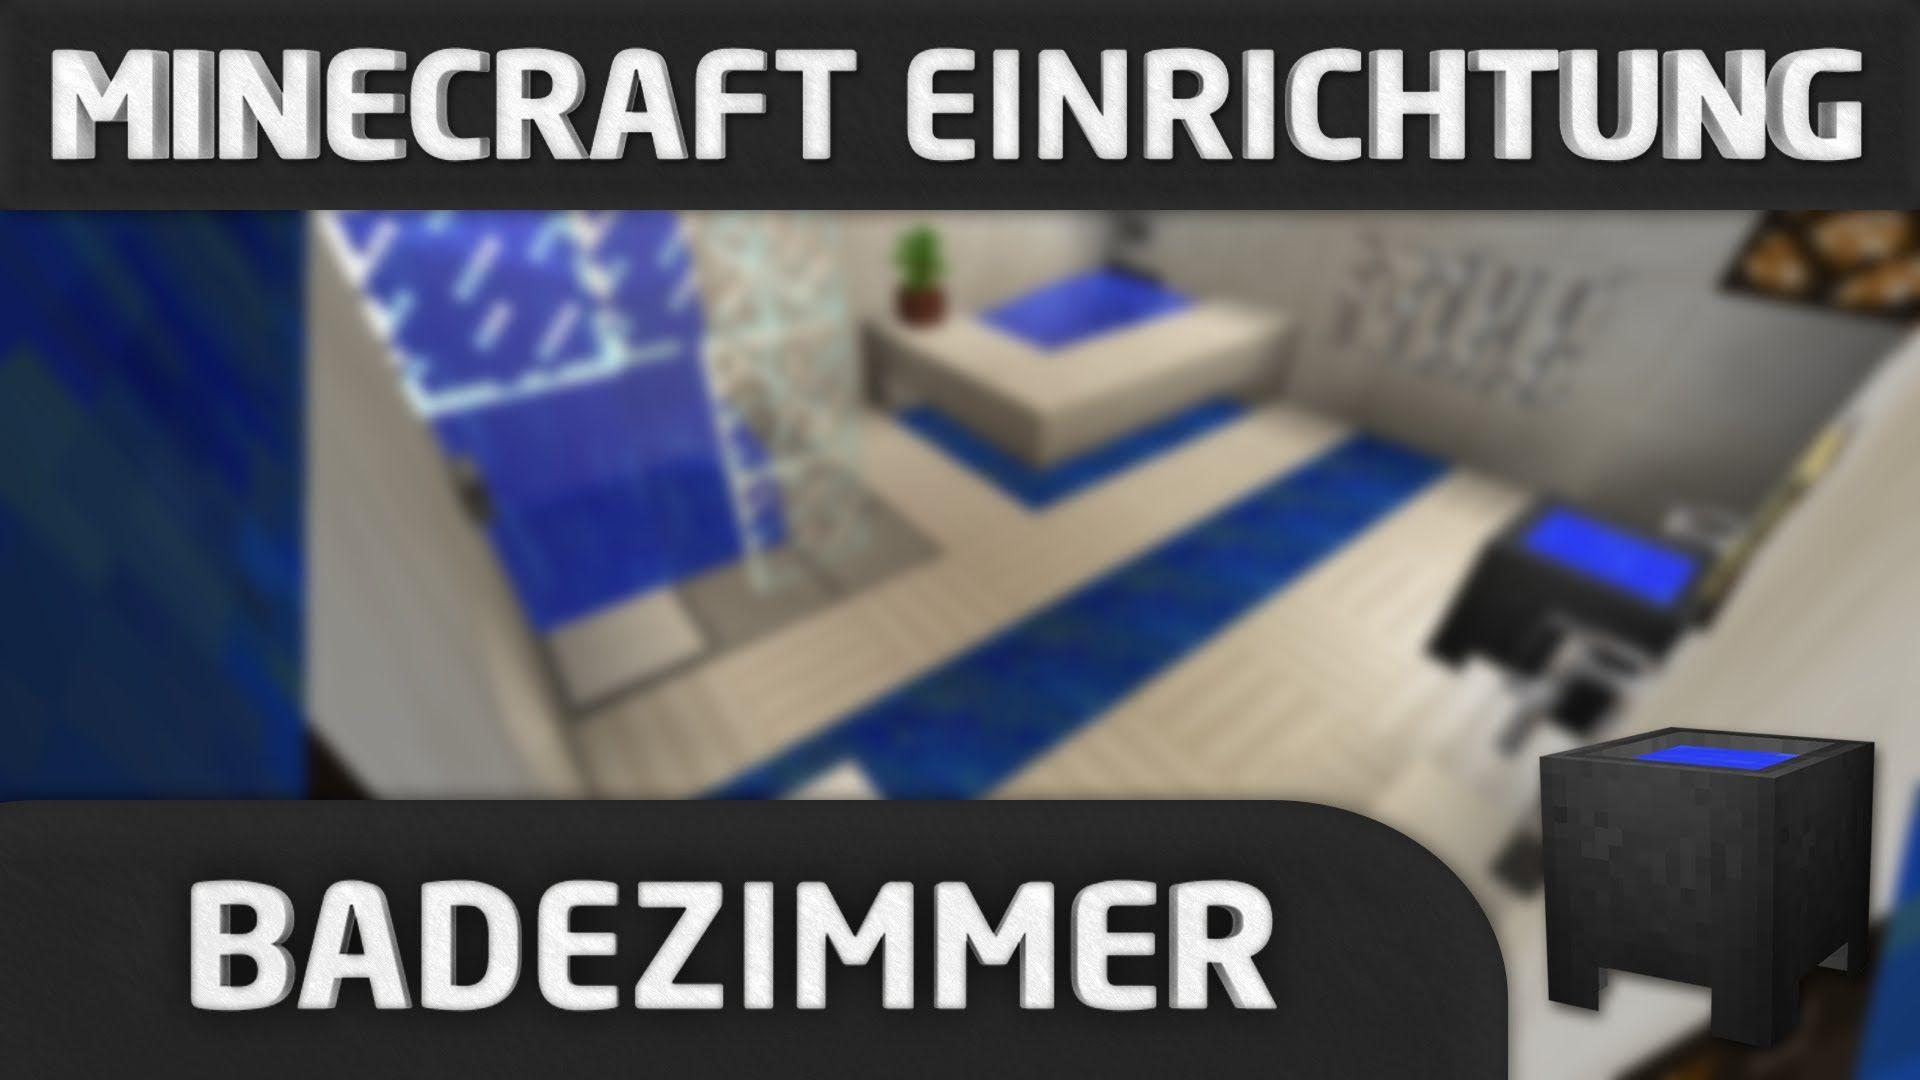 Minecraft Einrichtungsideen Badezimmer Convenience Store Products Packing